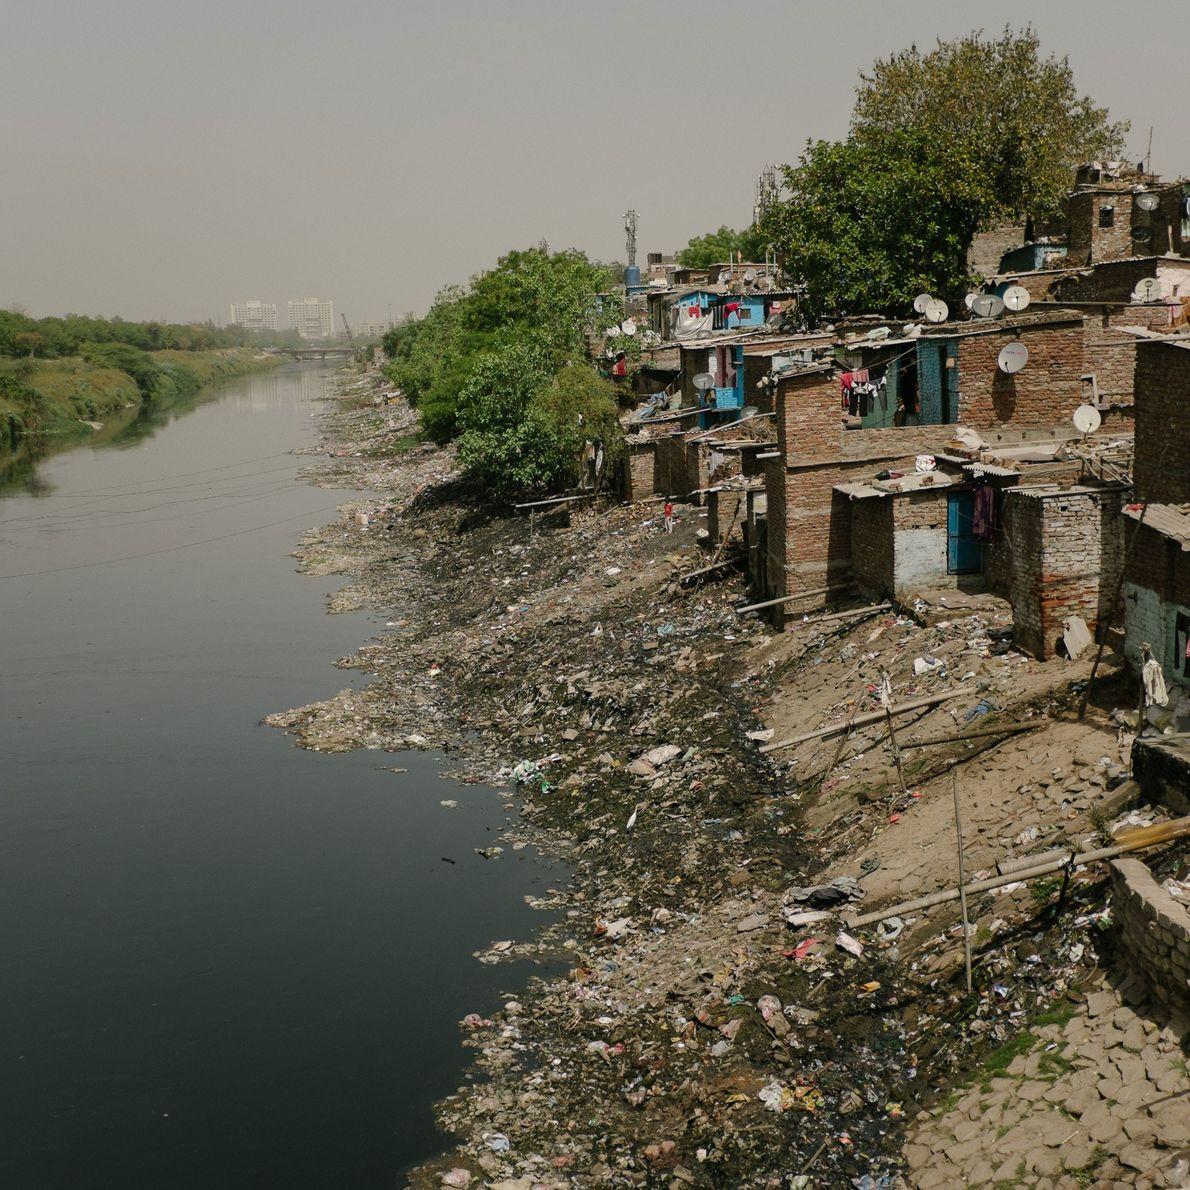 Las alcantarillas de Shahadra están tan contaminadas que las personas que no pueden pagar una vivienda ...